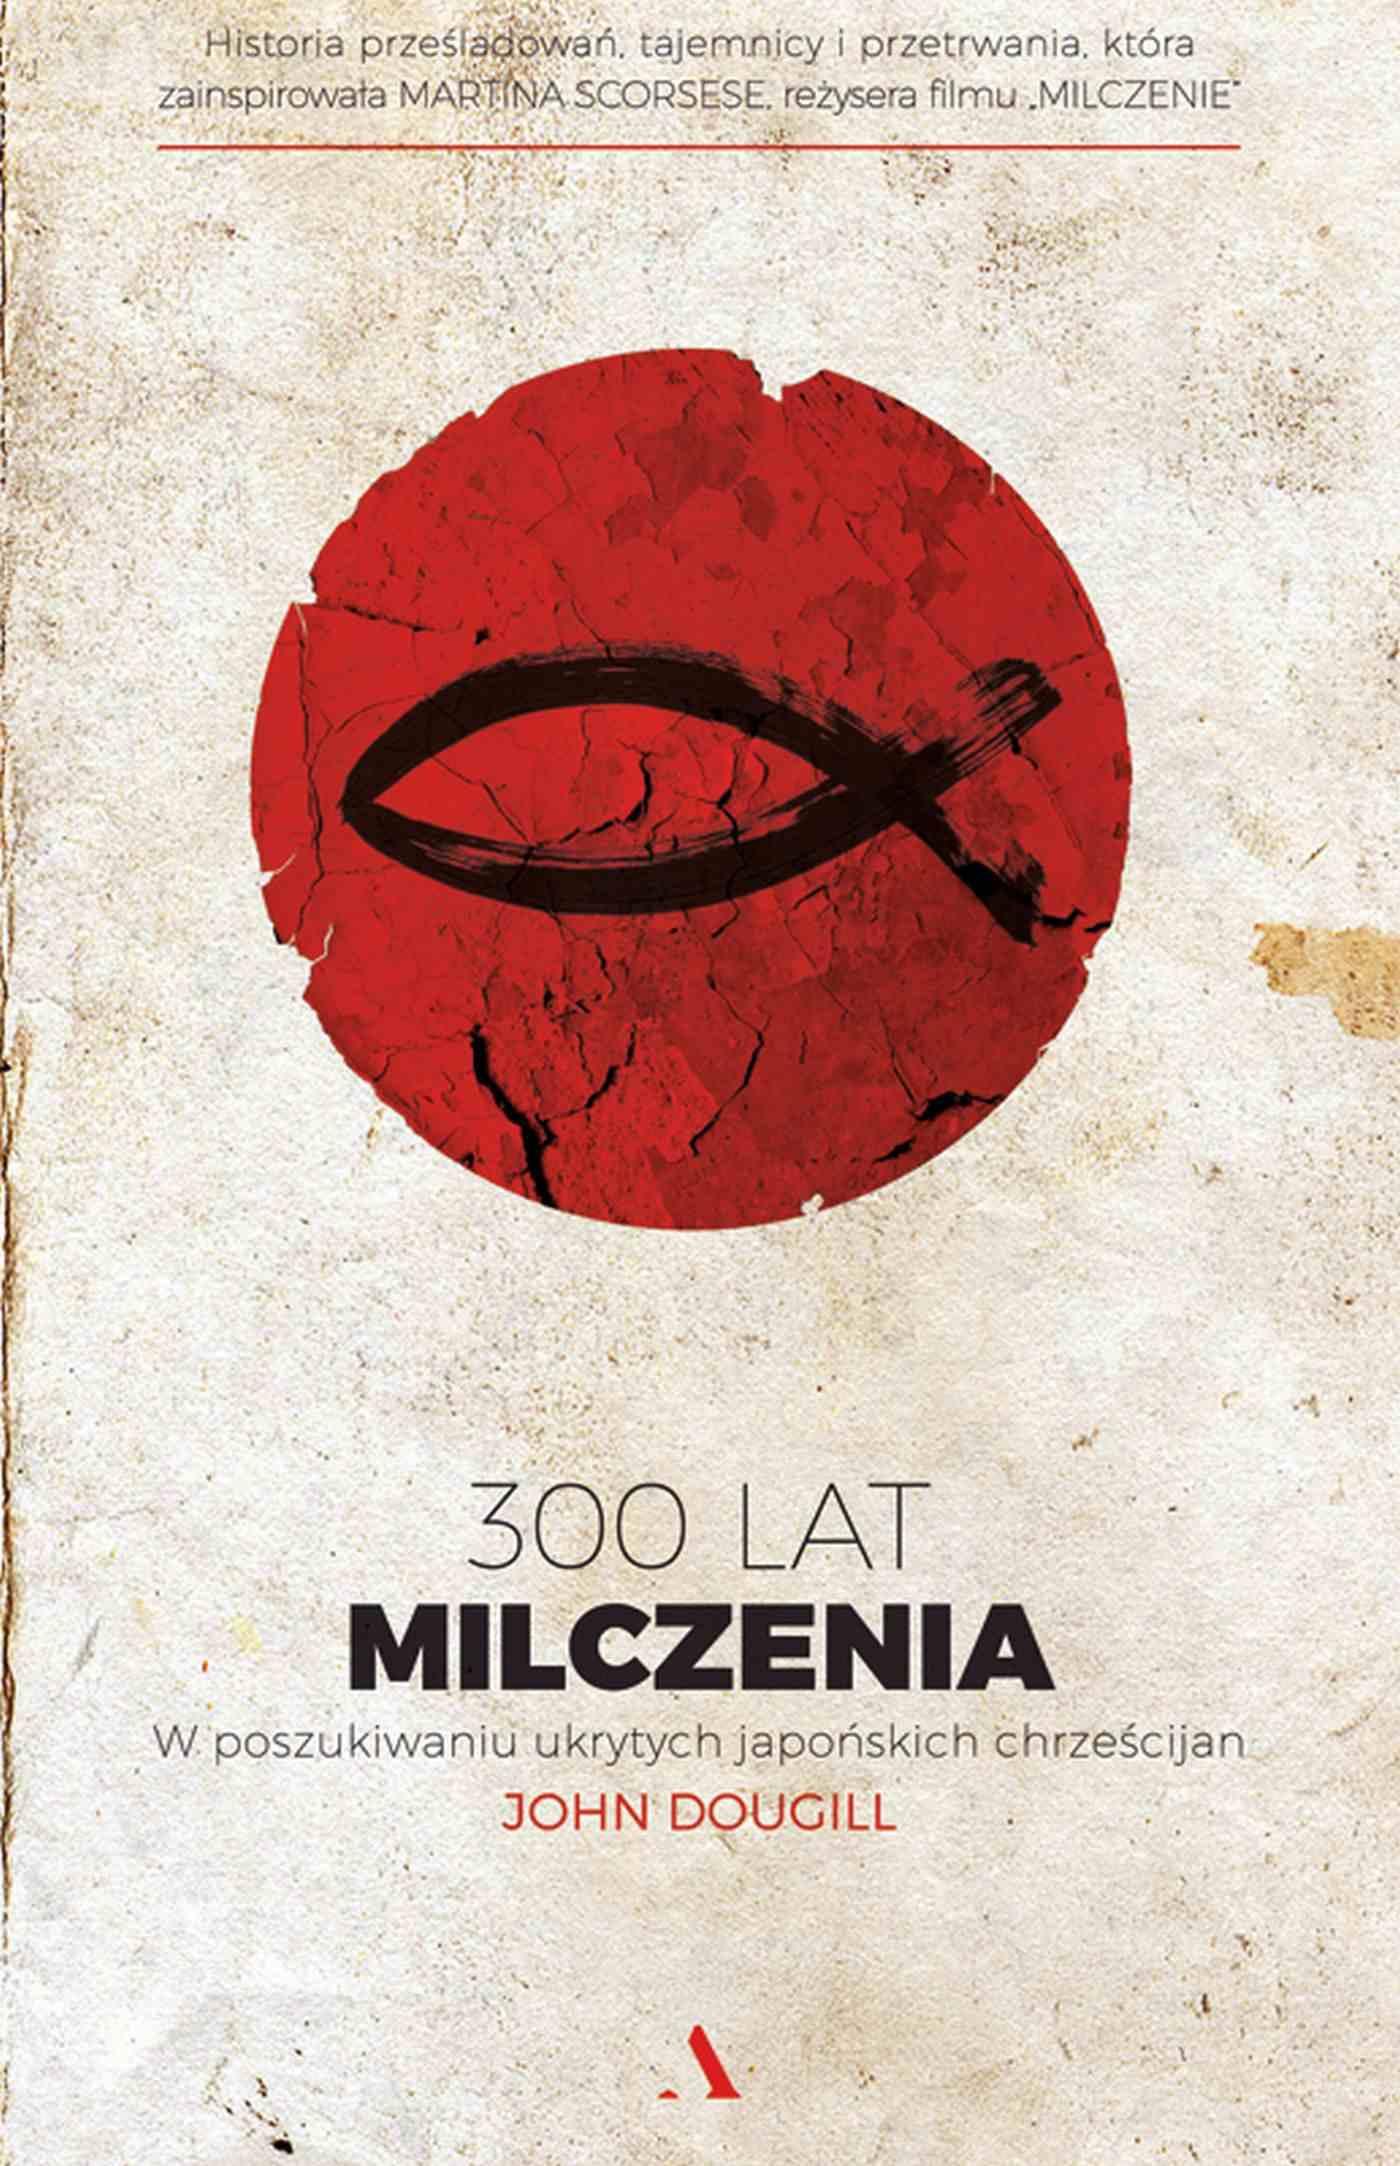 300 lat milczenia. W poszukiwaniu ukrytych japońskich chrześcijan - Ebook (Książka na Kindle) do pobrania w formacie MOBI